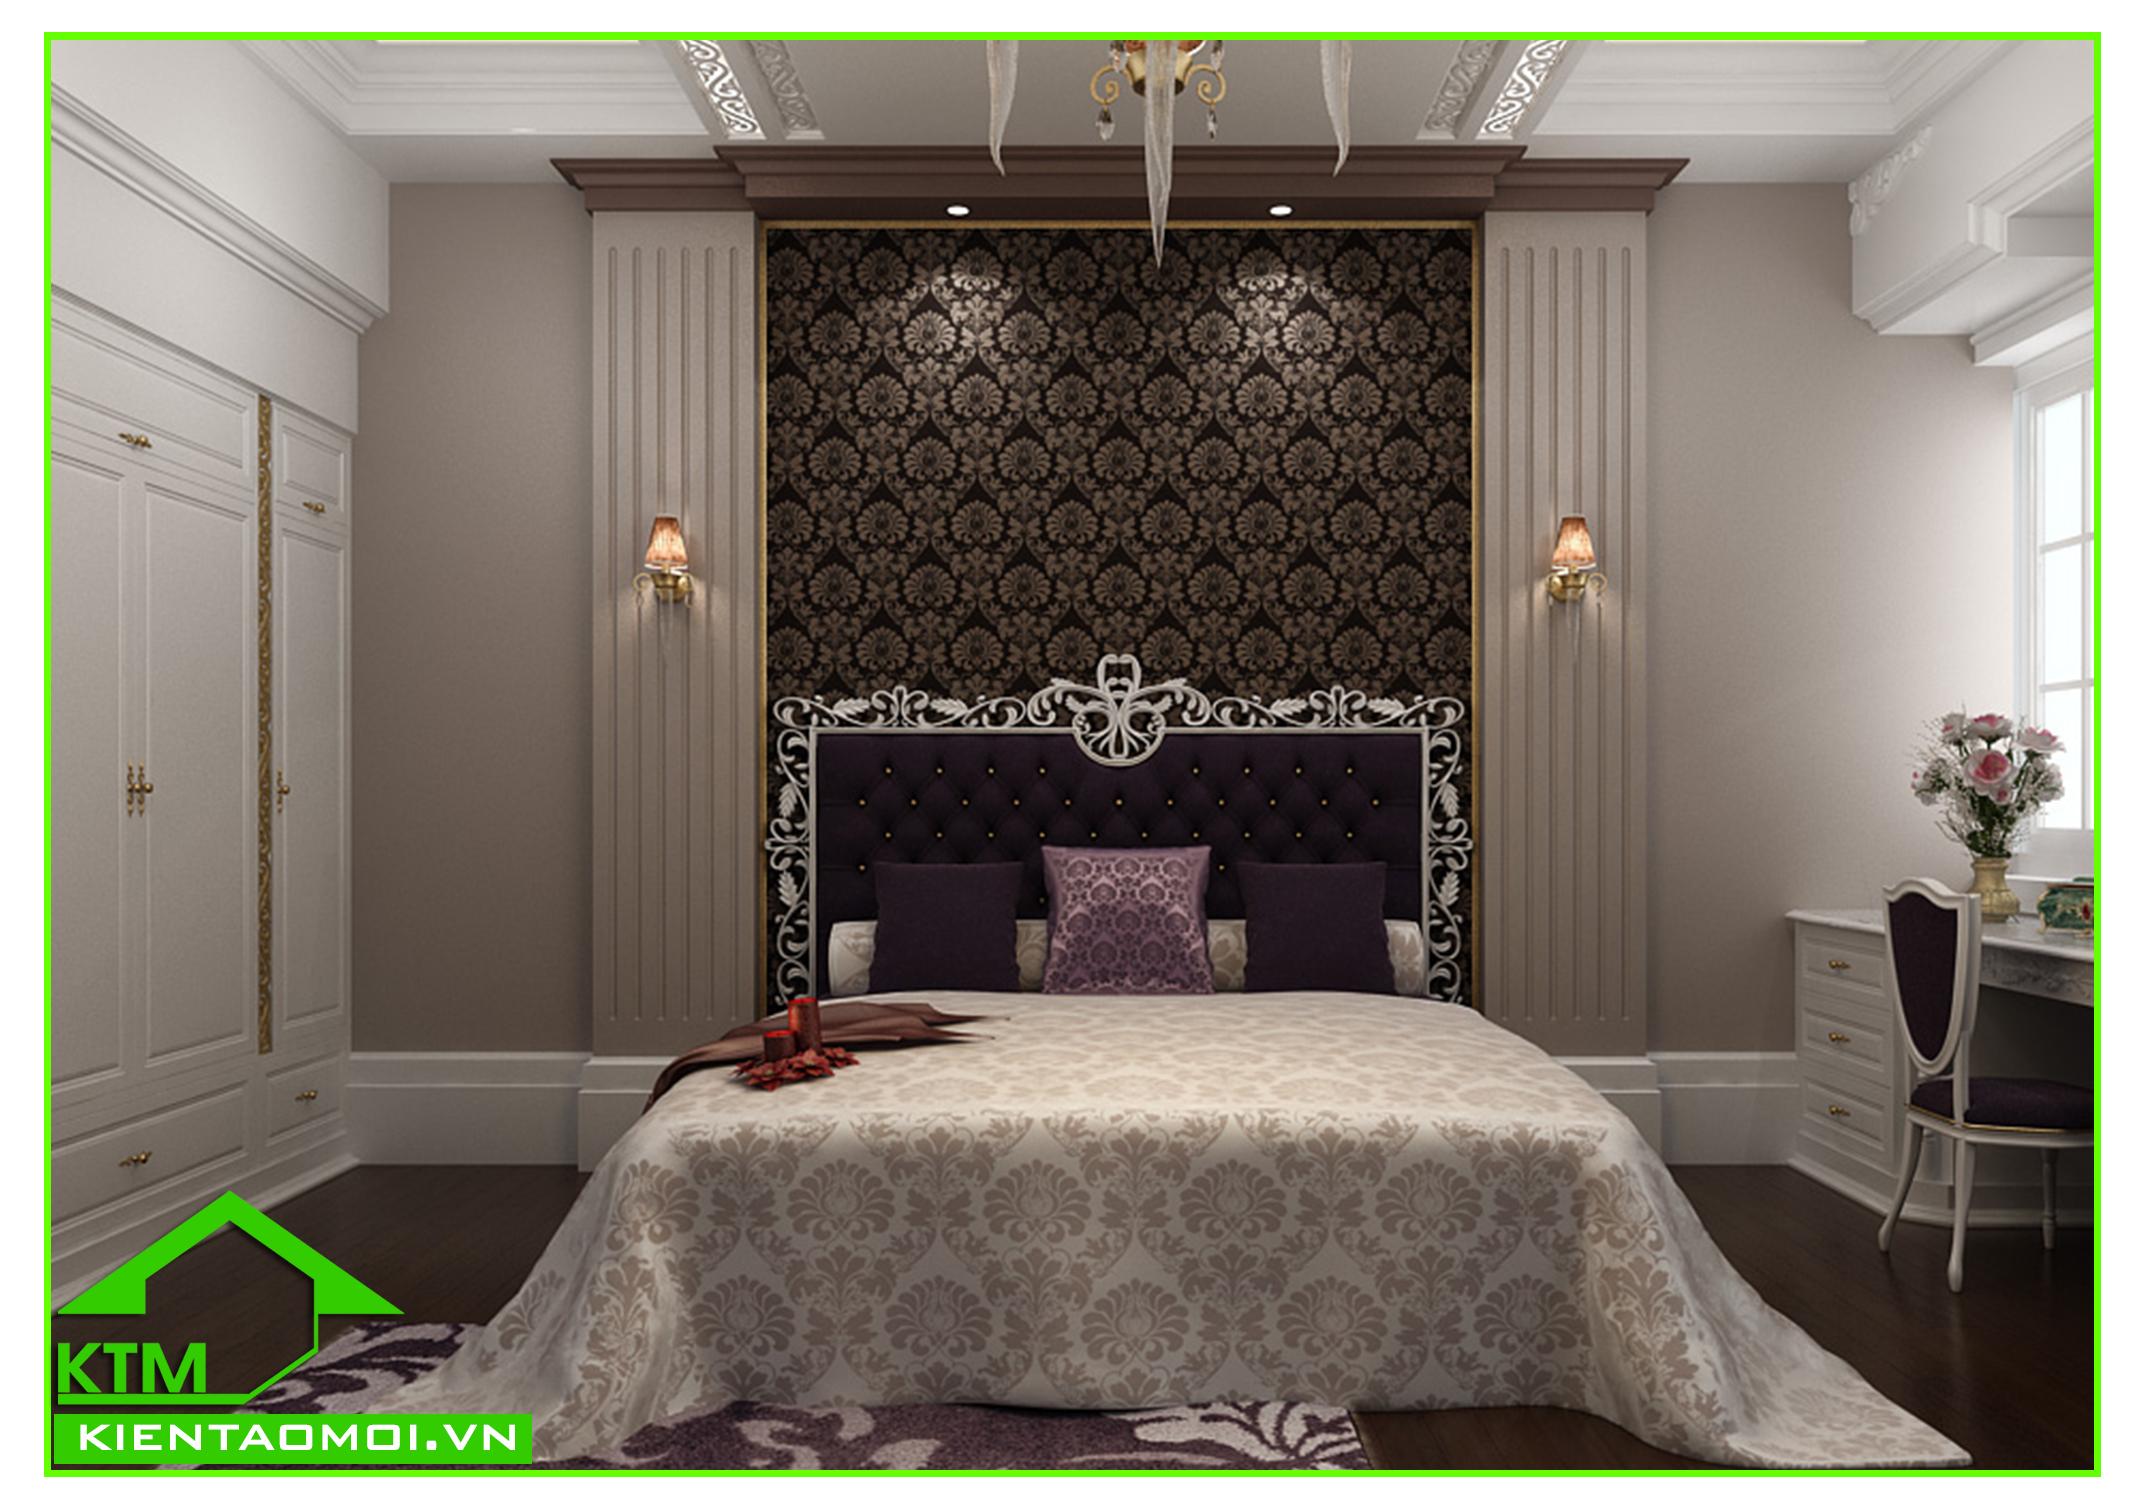 Thiết kế nội thất phòng ngủ 4 biệt thự tân cổ điển anh Đạt An Giang